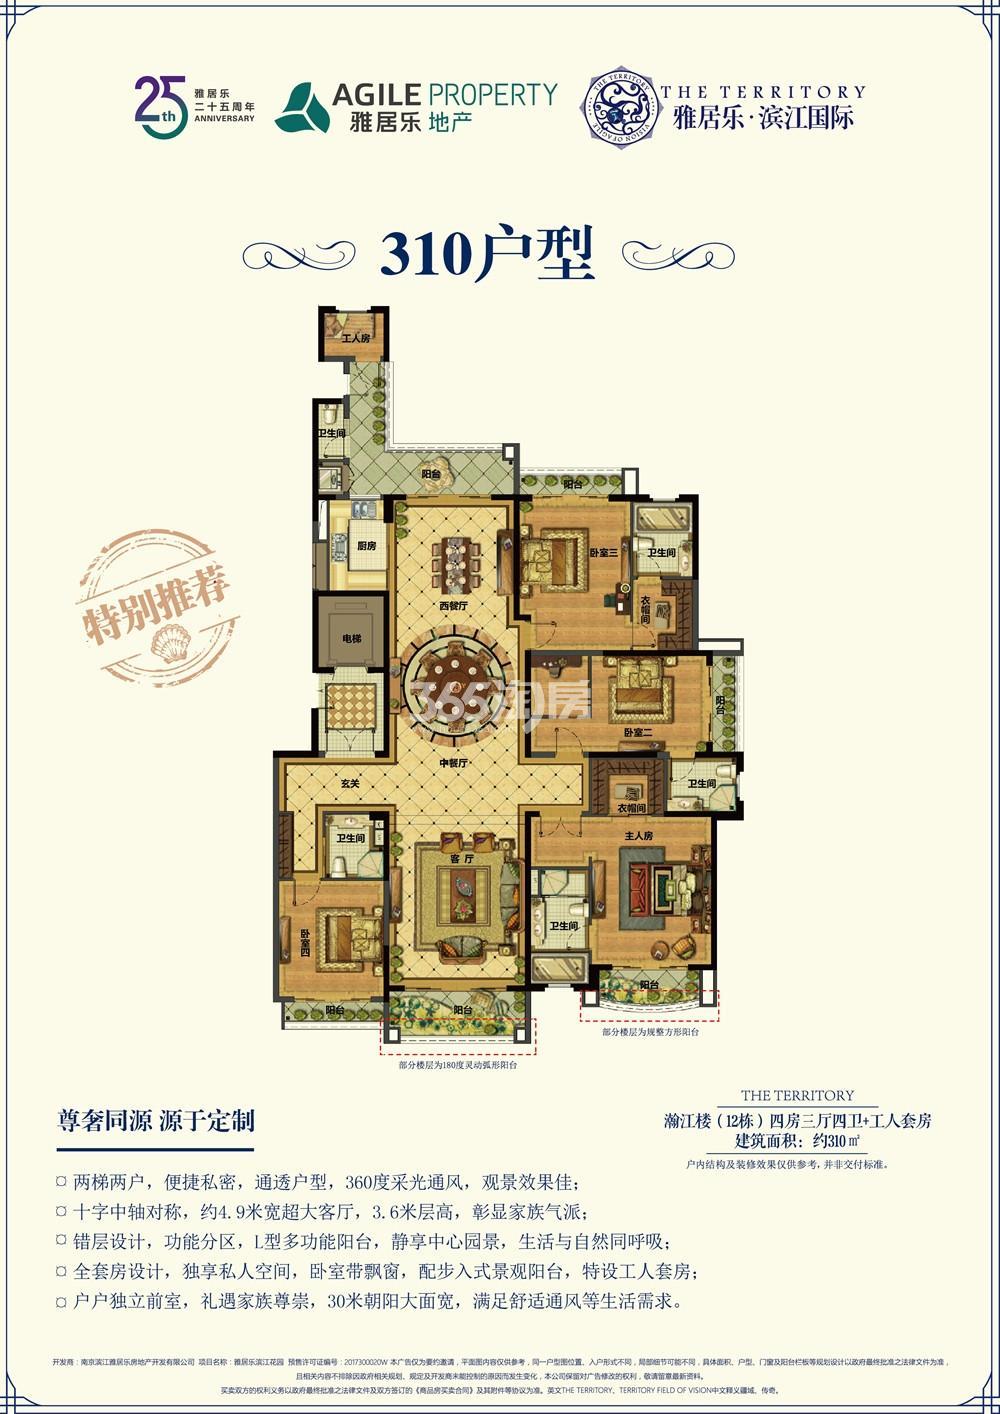 雅居乐滨江国际瀚江楼310㎡户型图